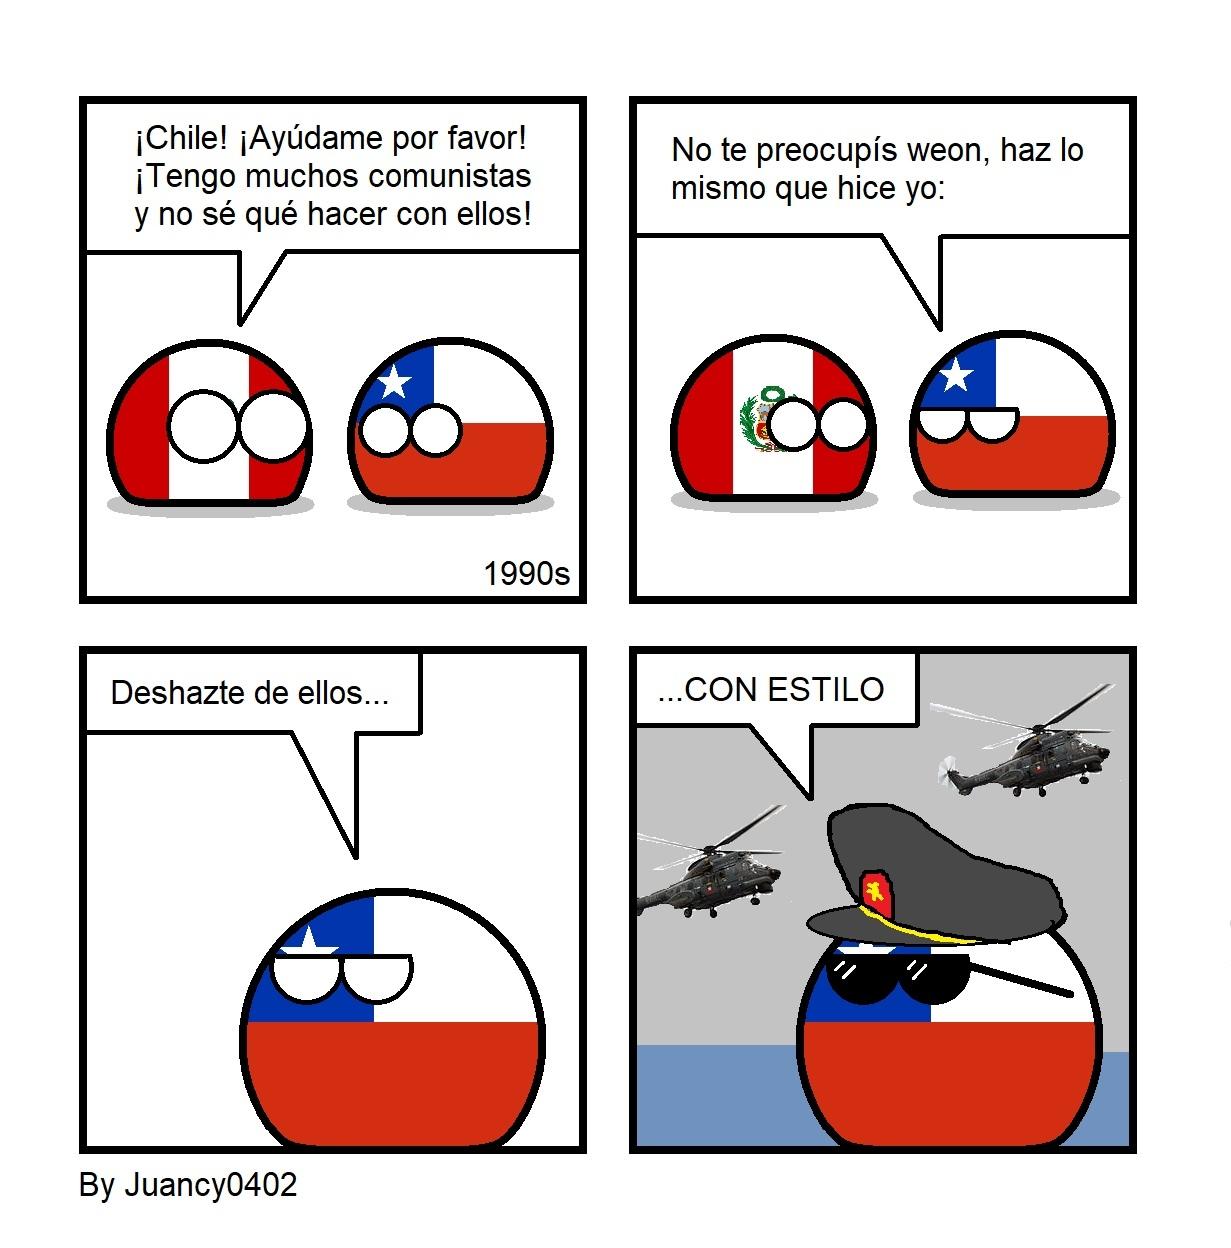 Si tienes problemas de comunismo, llama a Chile - meme